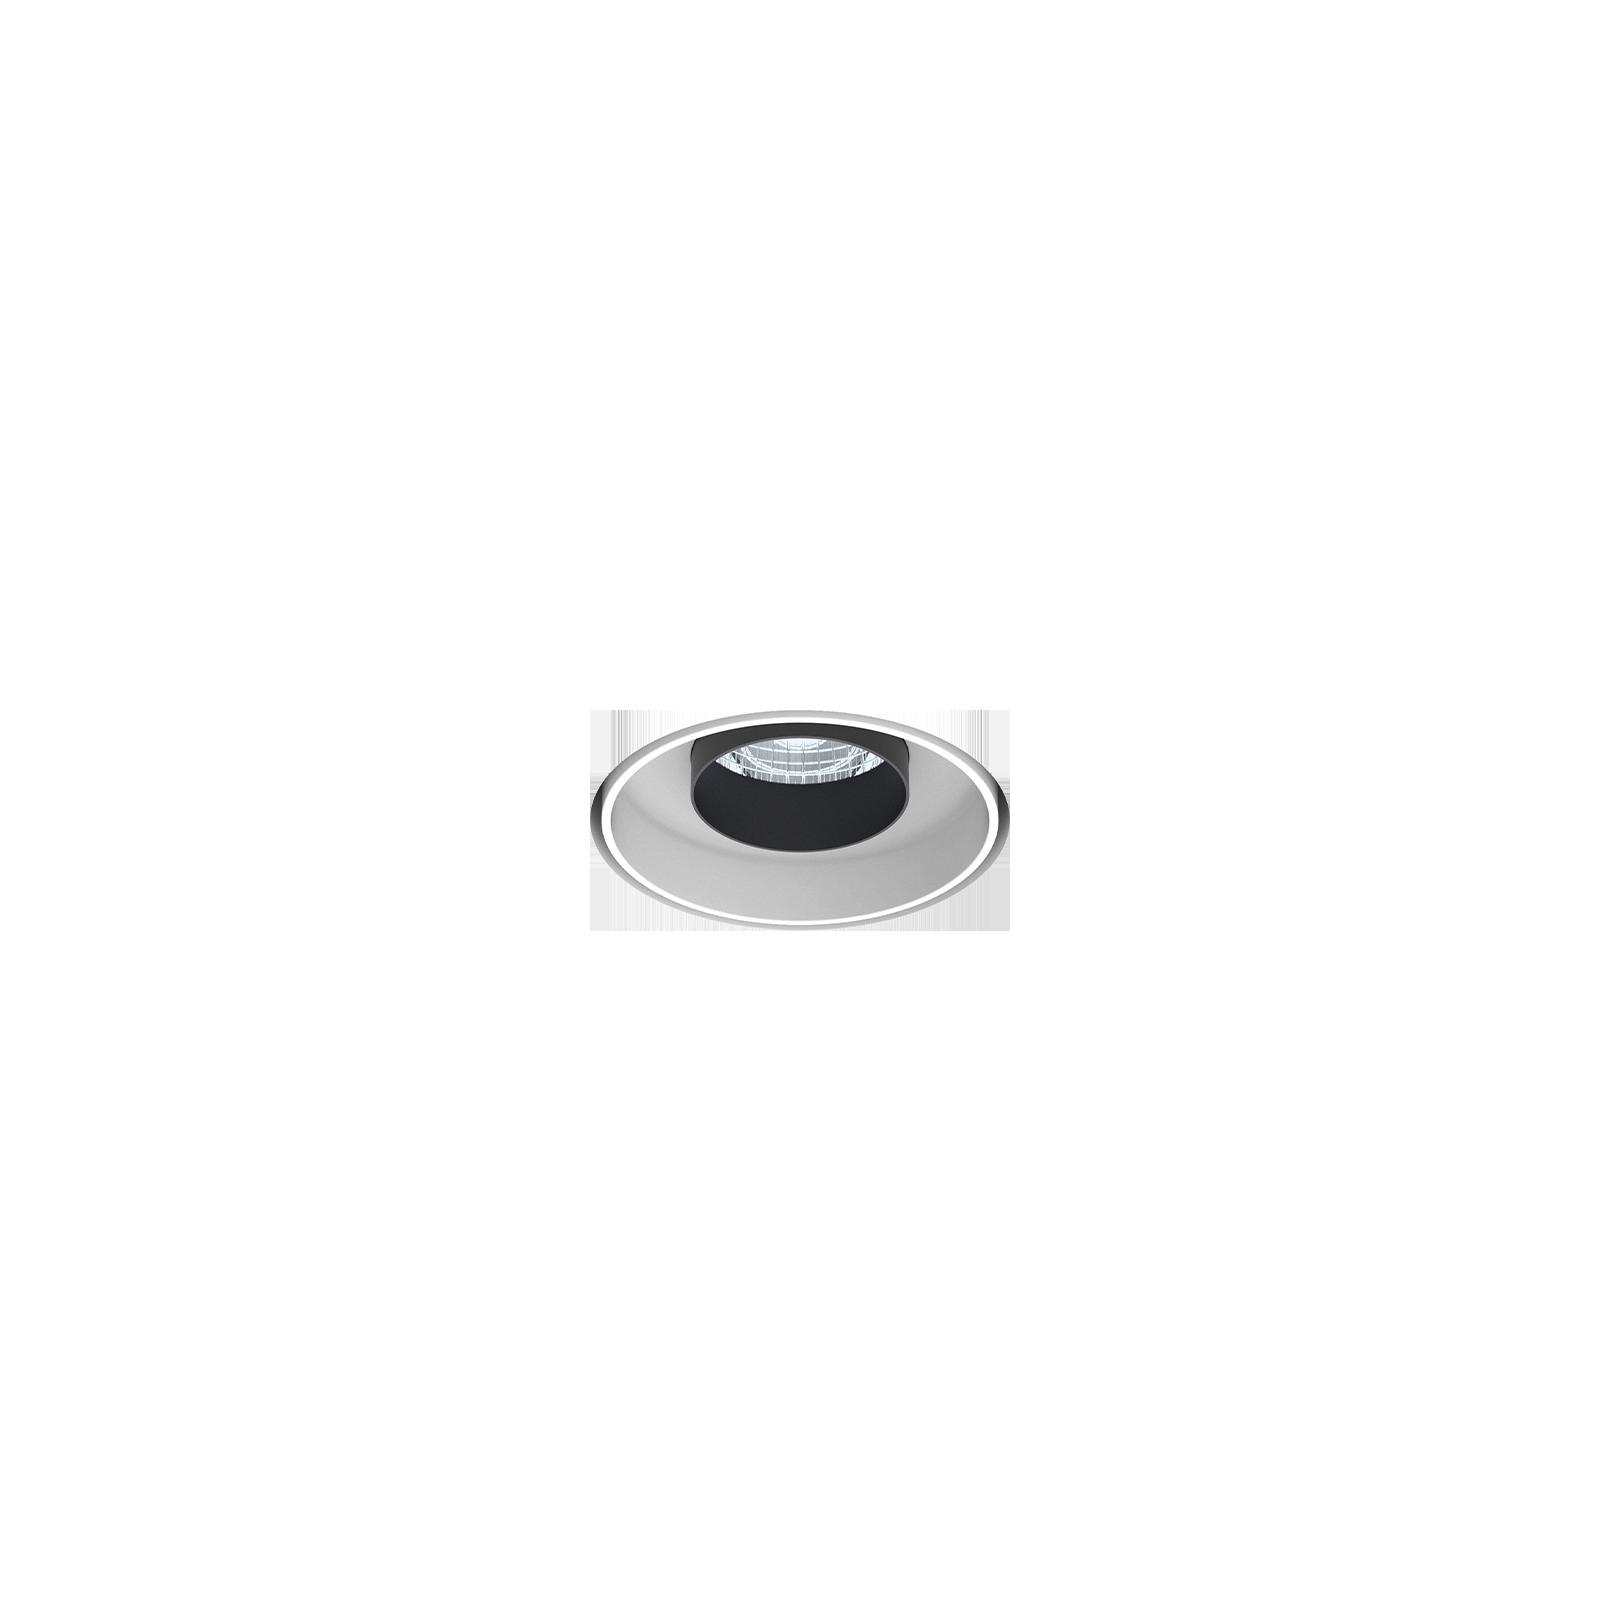 Mono 060 Trimless Type 2